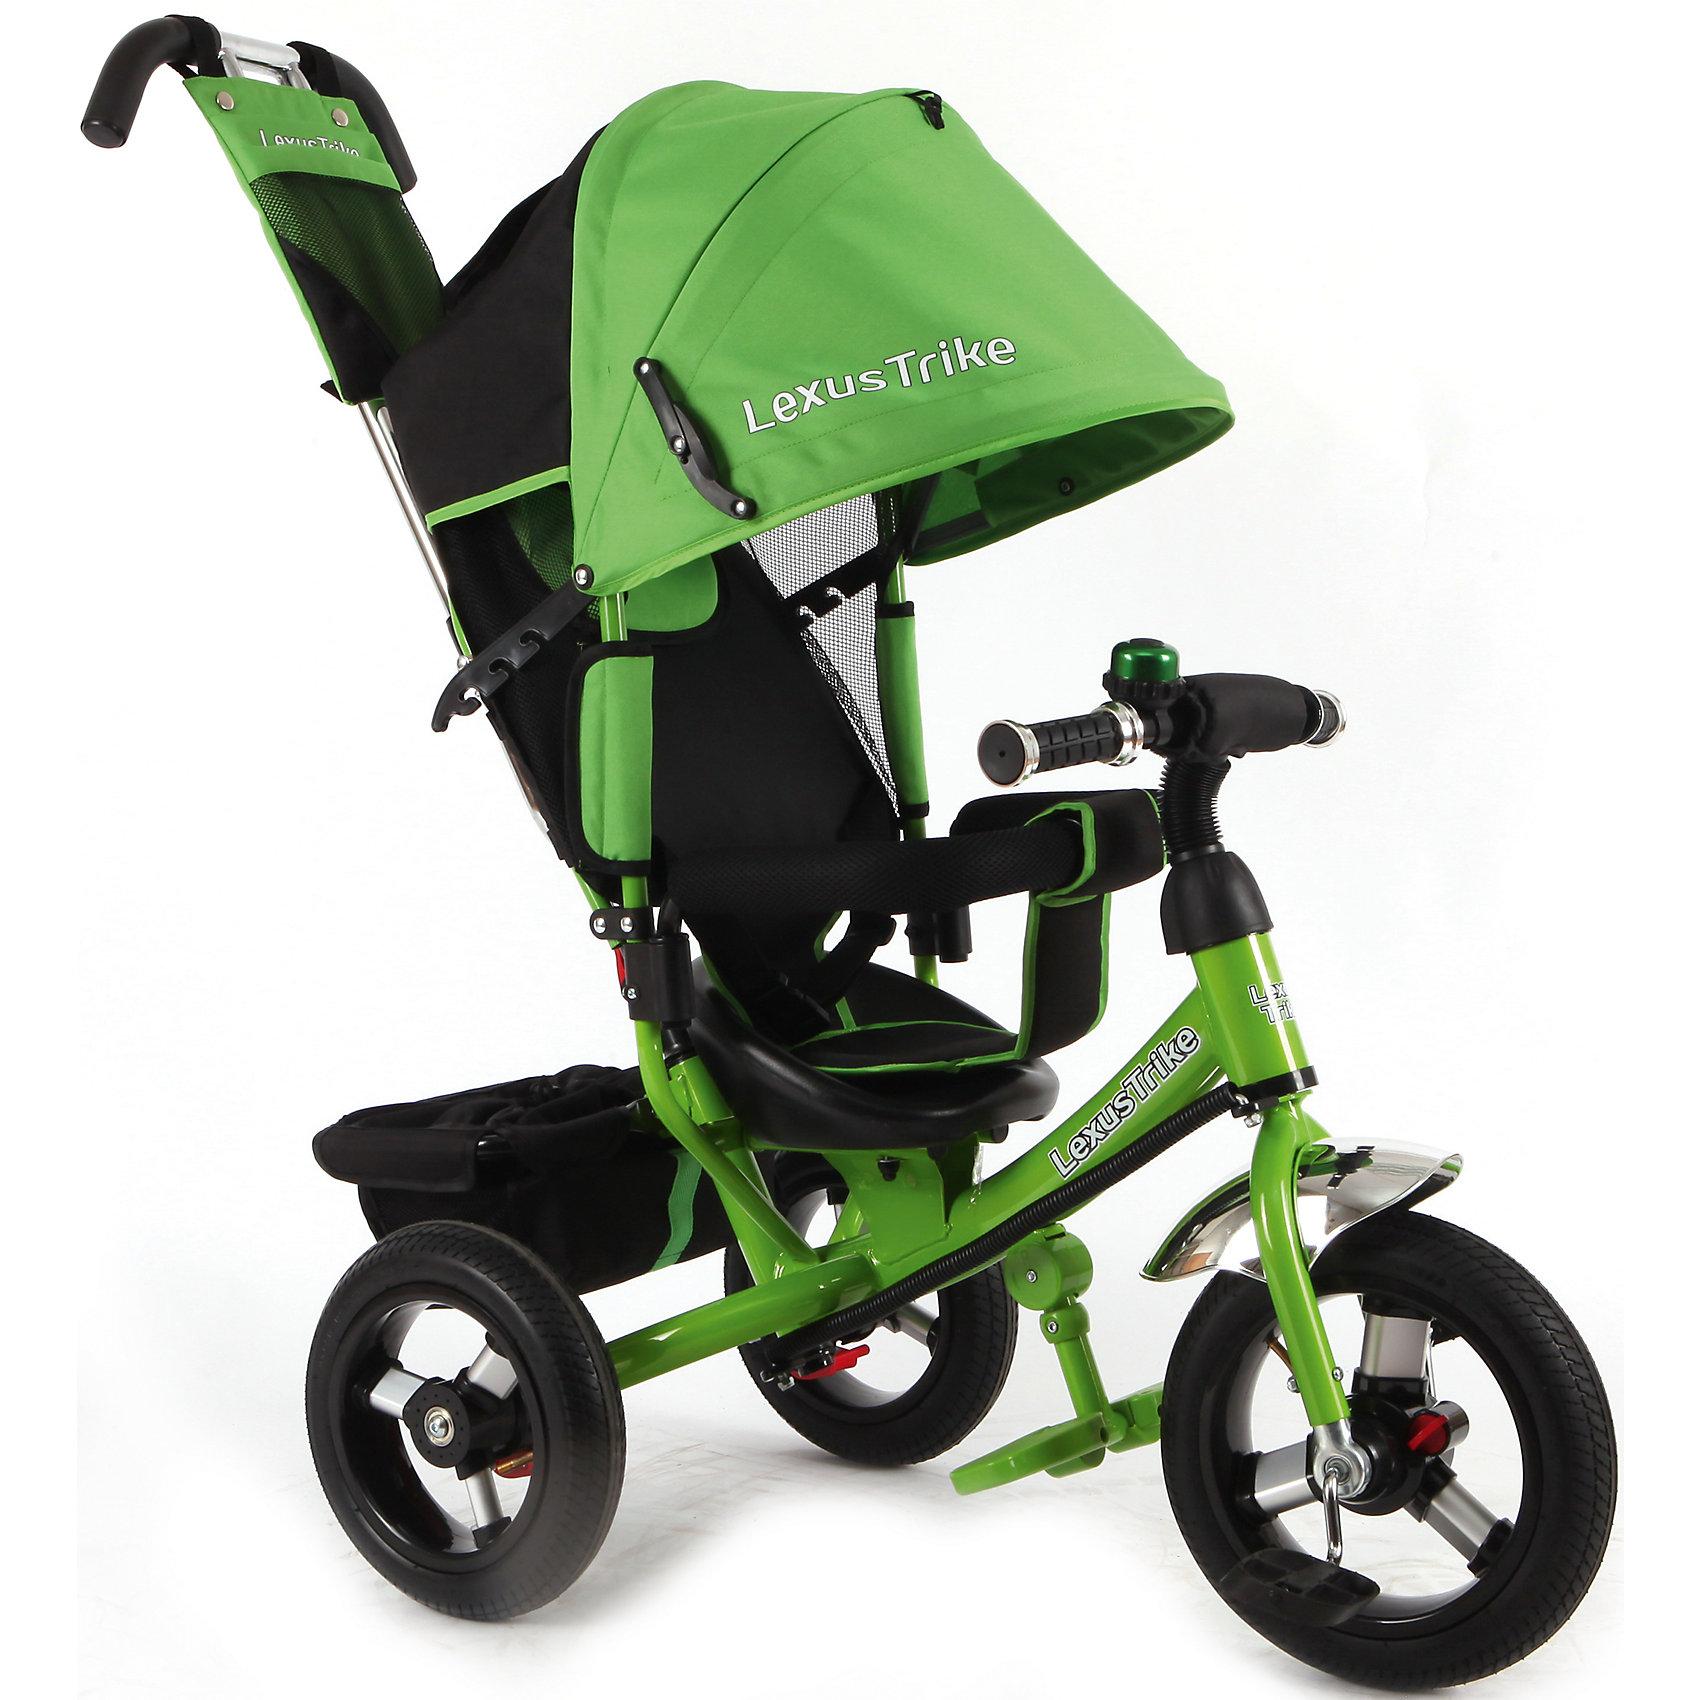 Трехколесный велосипед, регулир. спинка,зеленый,  Lexus Trike LRнадувные резиновые колеса с алюминиевыми спицами и металлическими втулками передние 30 см (12) с функцией свободного хода, задние 25 см (10), - двойная телескопическая родительская ручка с мягкими рукоятками из пористой резины и сумочкой, - спинка с регулируемым углом наклона (3 положения), - складная подставкя для ног; - складной тент колясочного типа с фиксаторами положения и окошком, - сидение с двухточечным ремнем безопасности и мягкой вкладкой, - подголовник на спинке, - стопоры задних колёс, - регулируемая поворотная рычаг-спица, - раздвижная дуга безопасности с мягкими подлокотниками из пористой резины, - багажная корзина с затягивающимся верхом, - звонок на руле, зеленый, - цветная коробка<br><br>Ширина мм: 810<br>Глубина мм: 470<br>Высота мм: 1100<br>Вес г: 13300<br>Возраст от месяцев: 12<br>Возраст до месяцев: 36<br>Пол: Унисекс<br>Возраст: Детский<br>SKU: 5526370